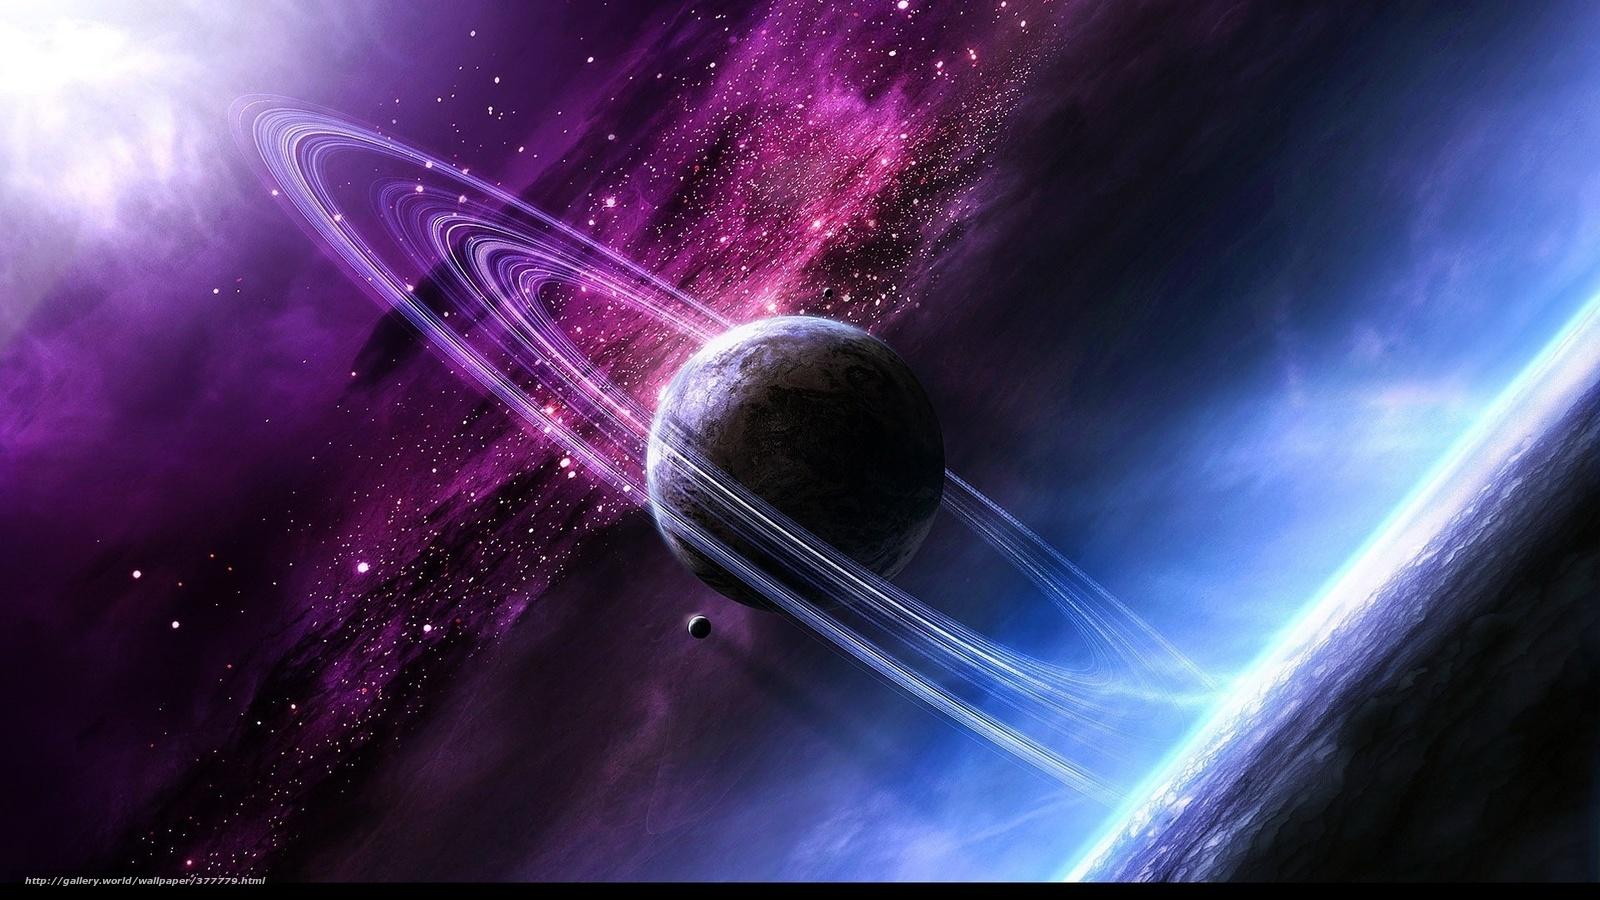 Scaricare gli sfondi spazio pianeta universo stella for Sfondi desktop universo